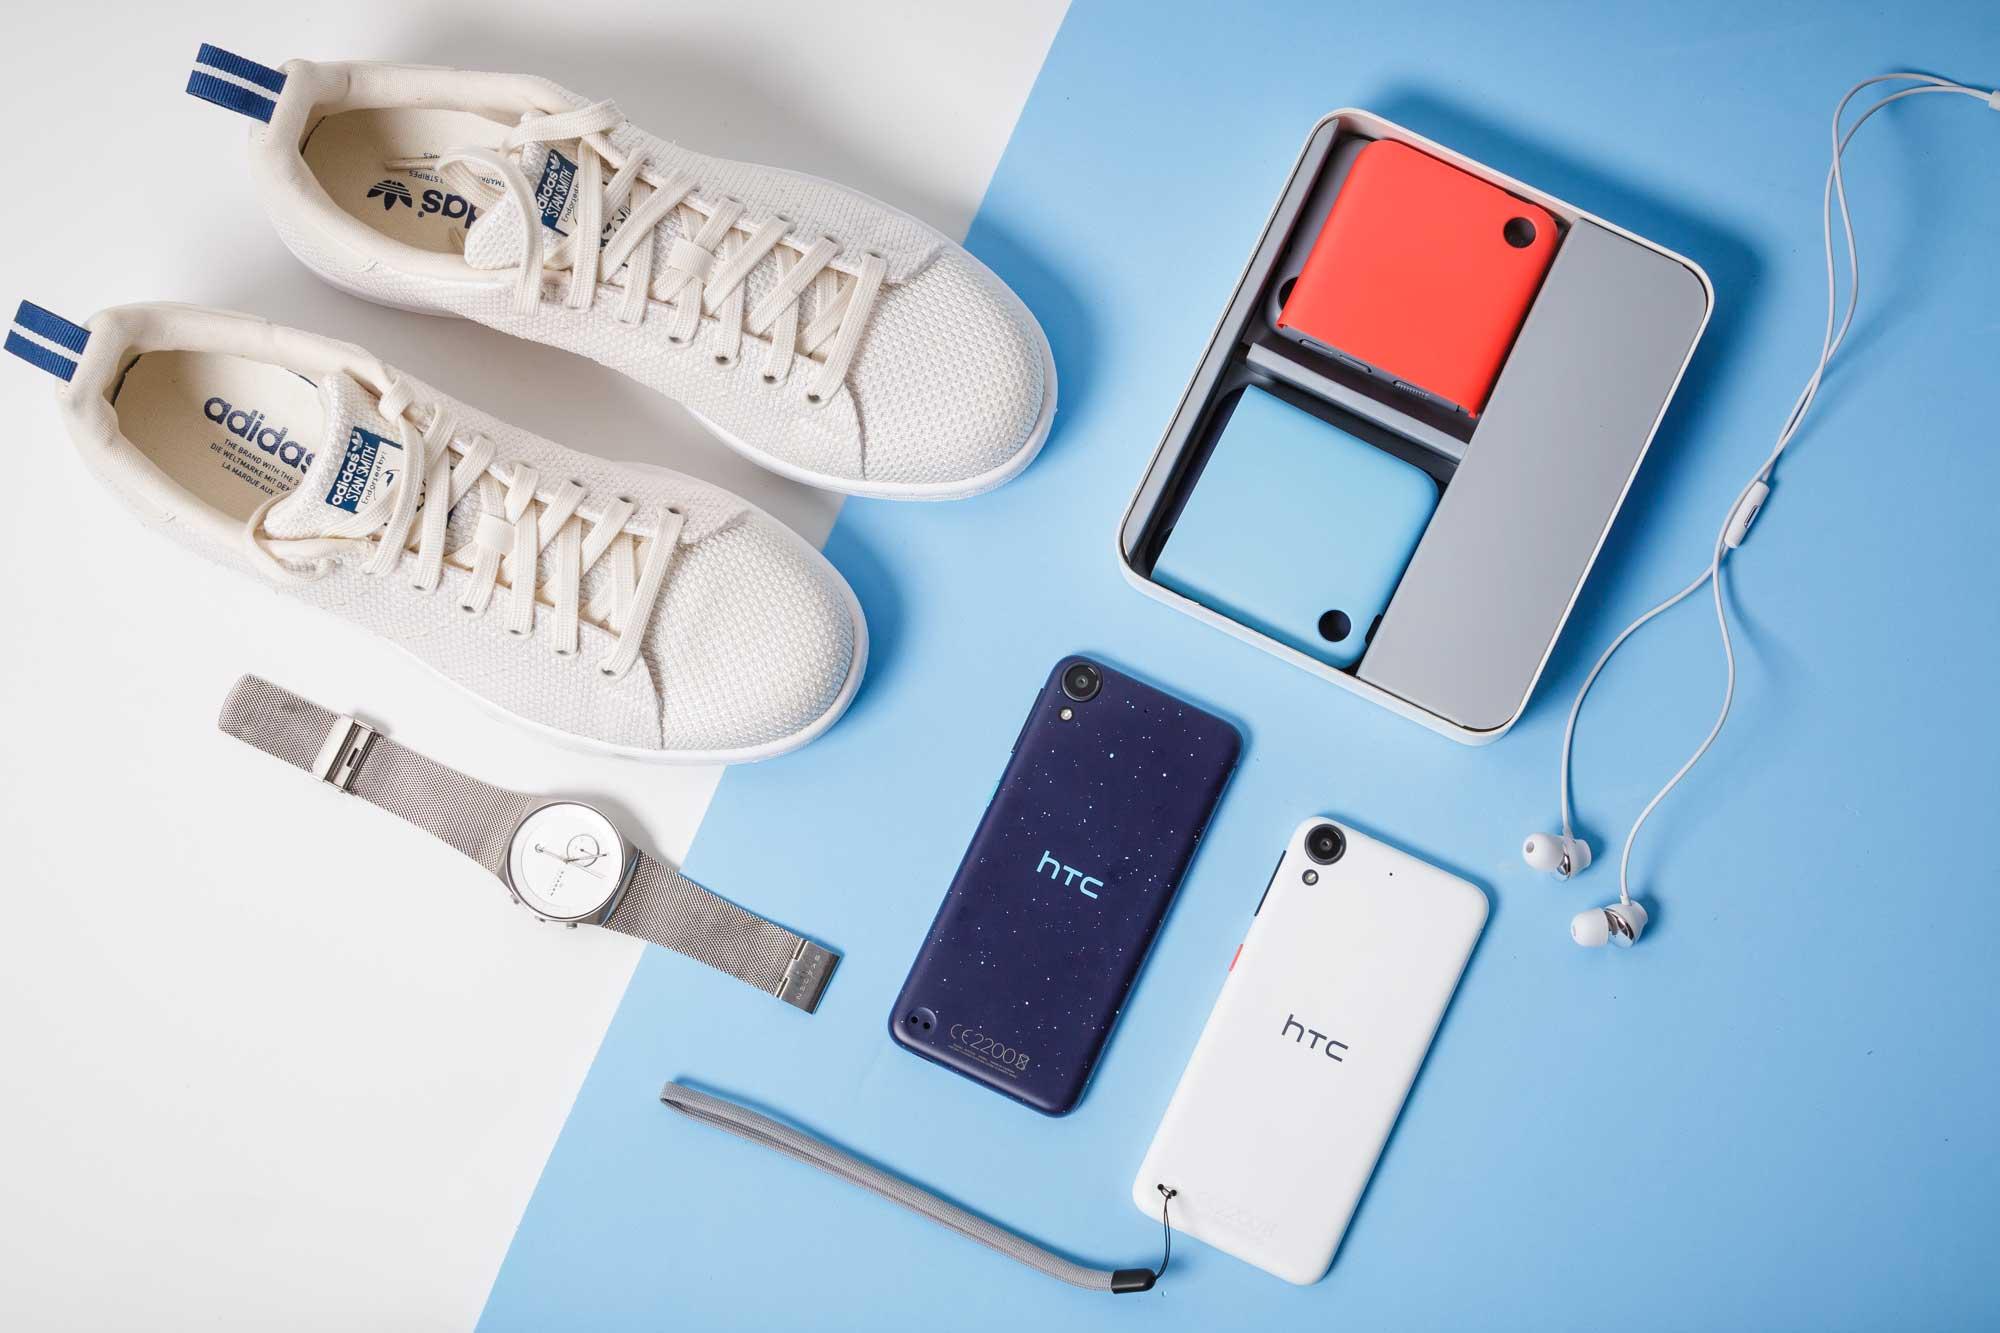 HTC Desire 630 Dual SIM có tùy chọn mua trả góp